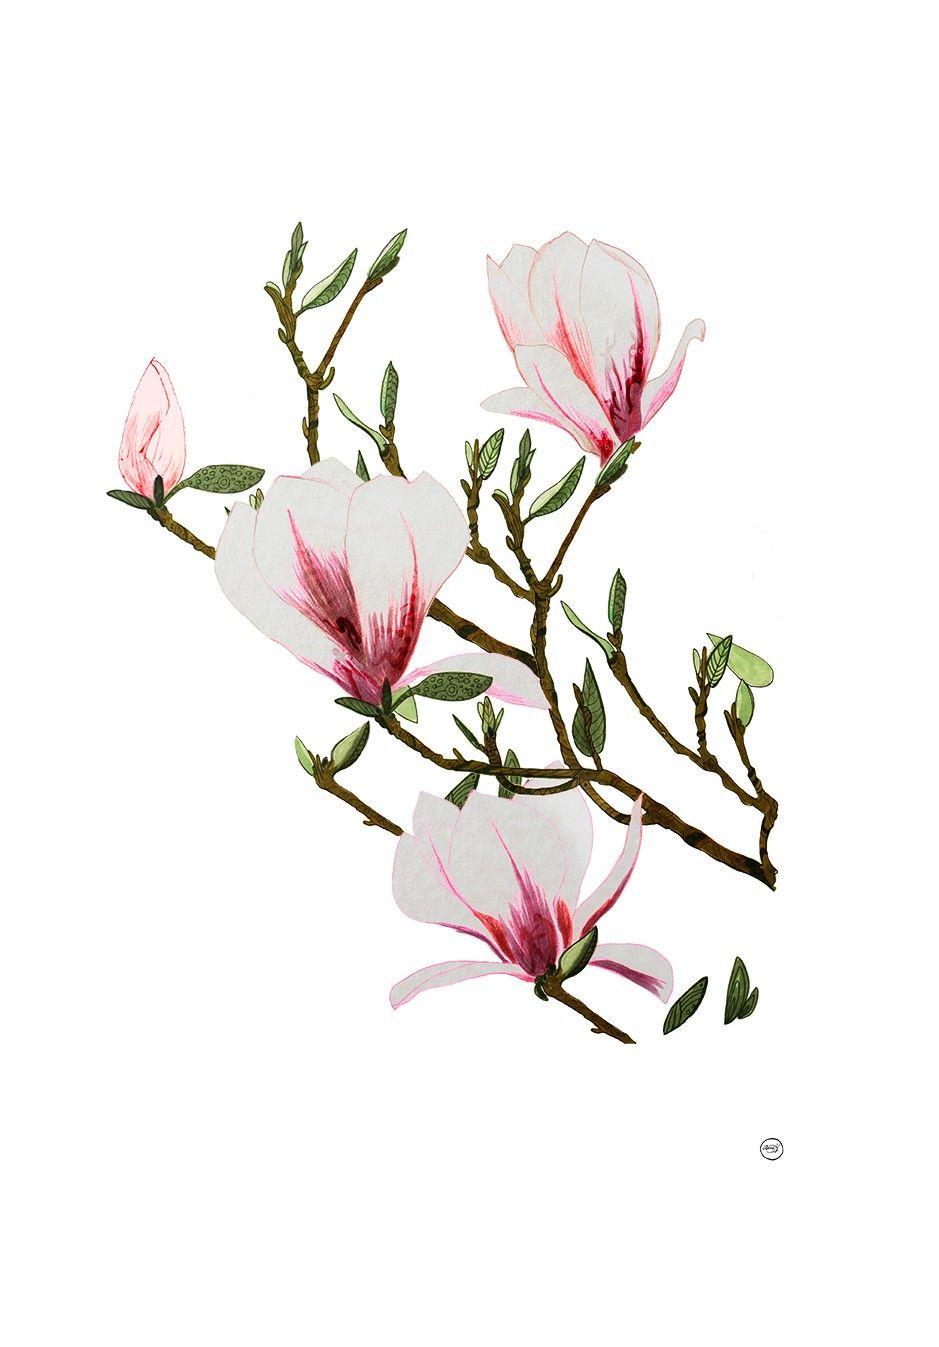 Vårkärlek, Magnolia 50x70 cm via Art prints, Anna Handell. Click on the image to see more!